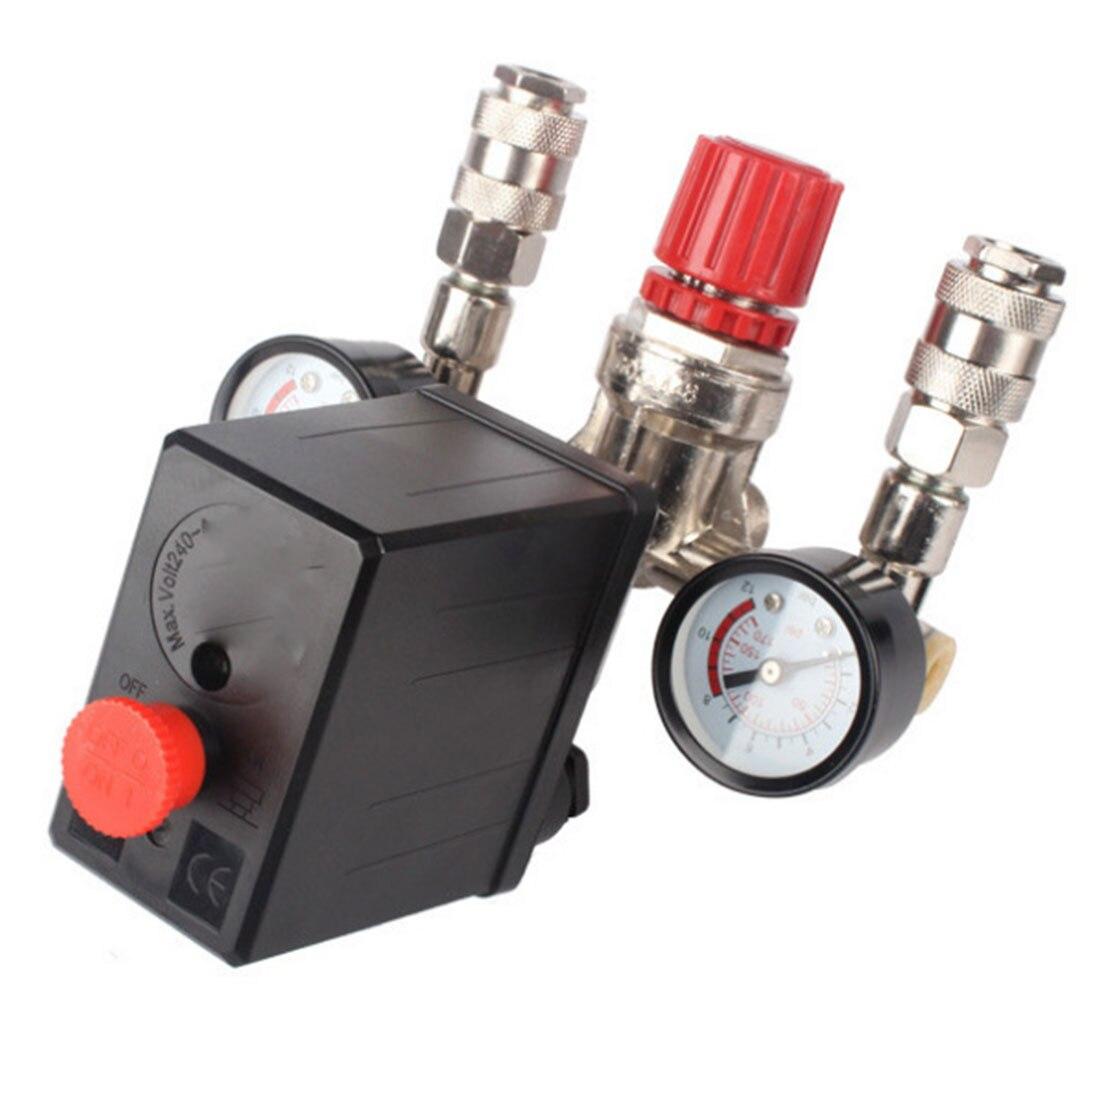 Neue Regler Heavy Duty Air Kompressor Pumpe Druck Control Switch 4 Port Air Pumpe Regelventil 7,25-125 PSI mit Manometer